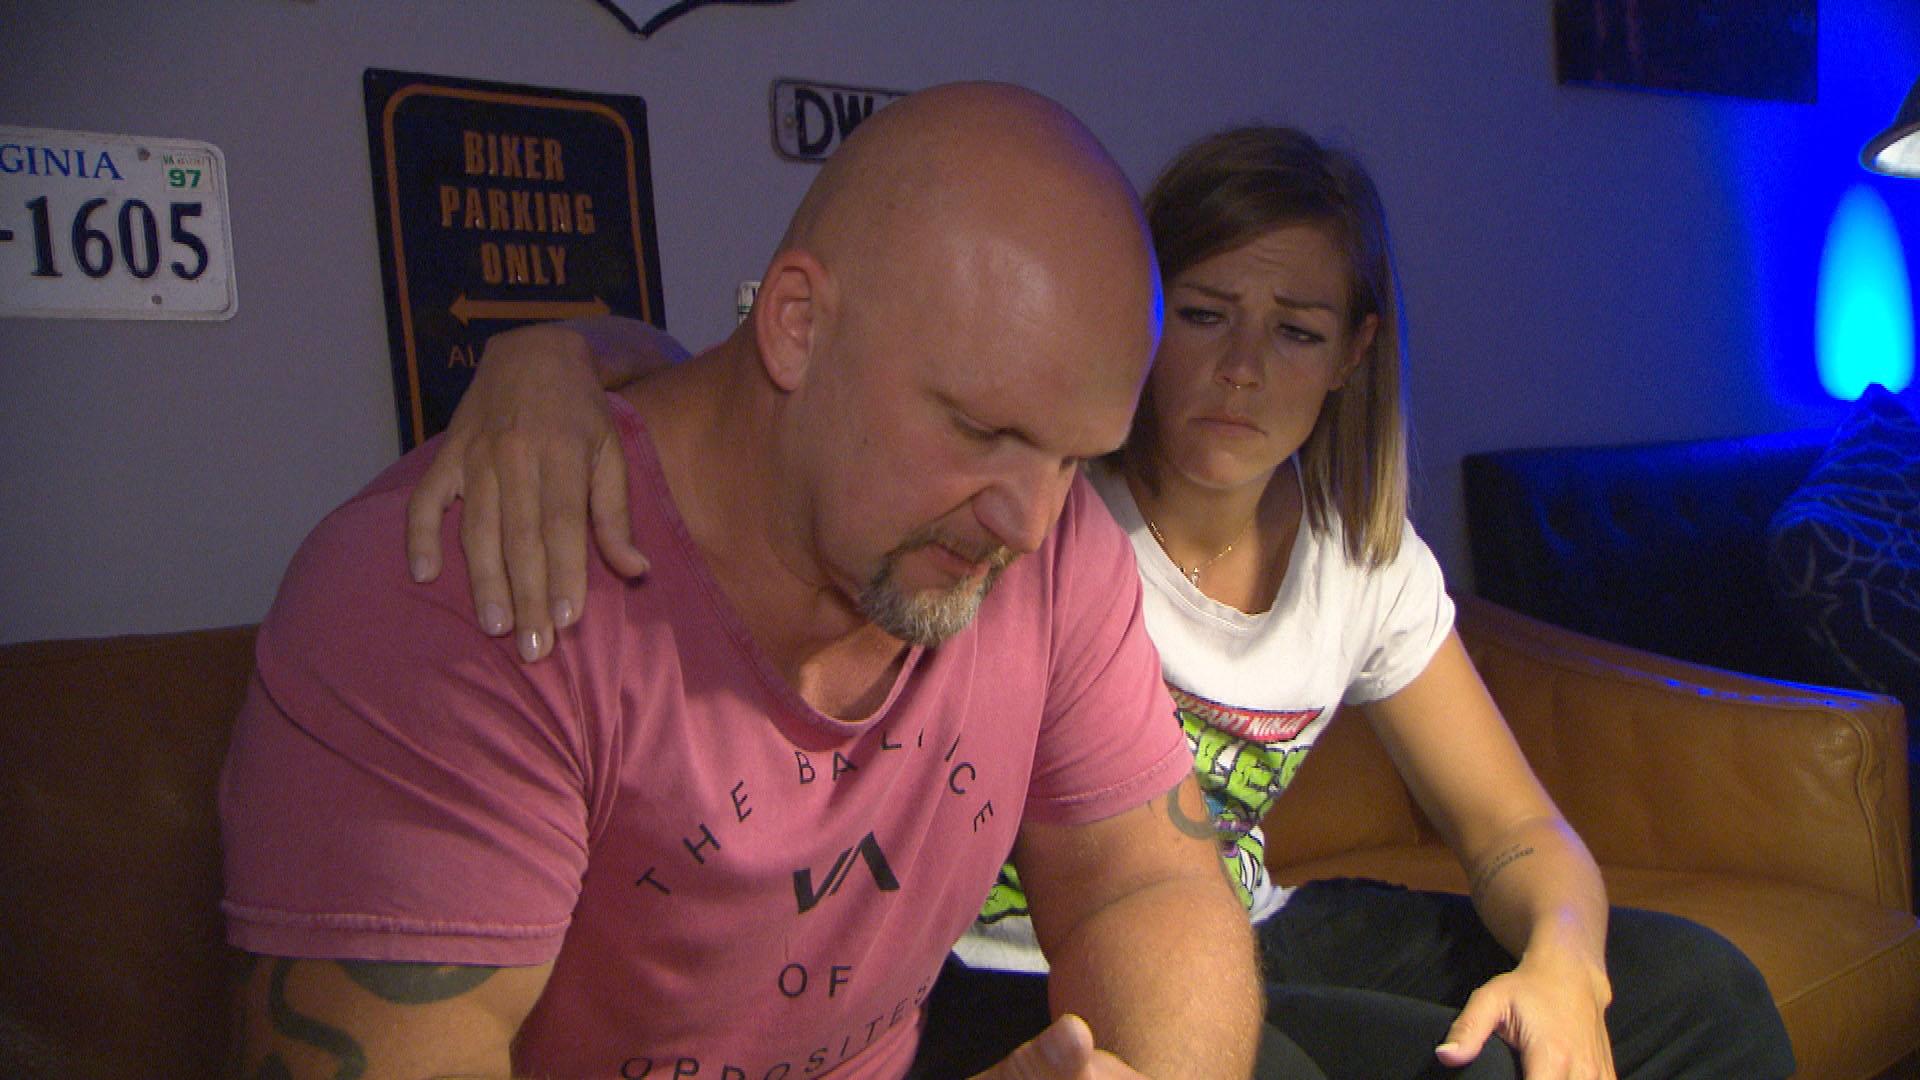 Als Joe (re.) durch ein Schreiben der Versicherung vor Augen geführt wird, dass er in drei Monaten schon von Peggy geschieden sein wird, kommen ihm Zweifel. Alina (li.) möchte Joe überzeugen, um Peggy zu kämpfen.